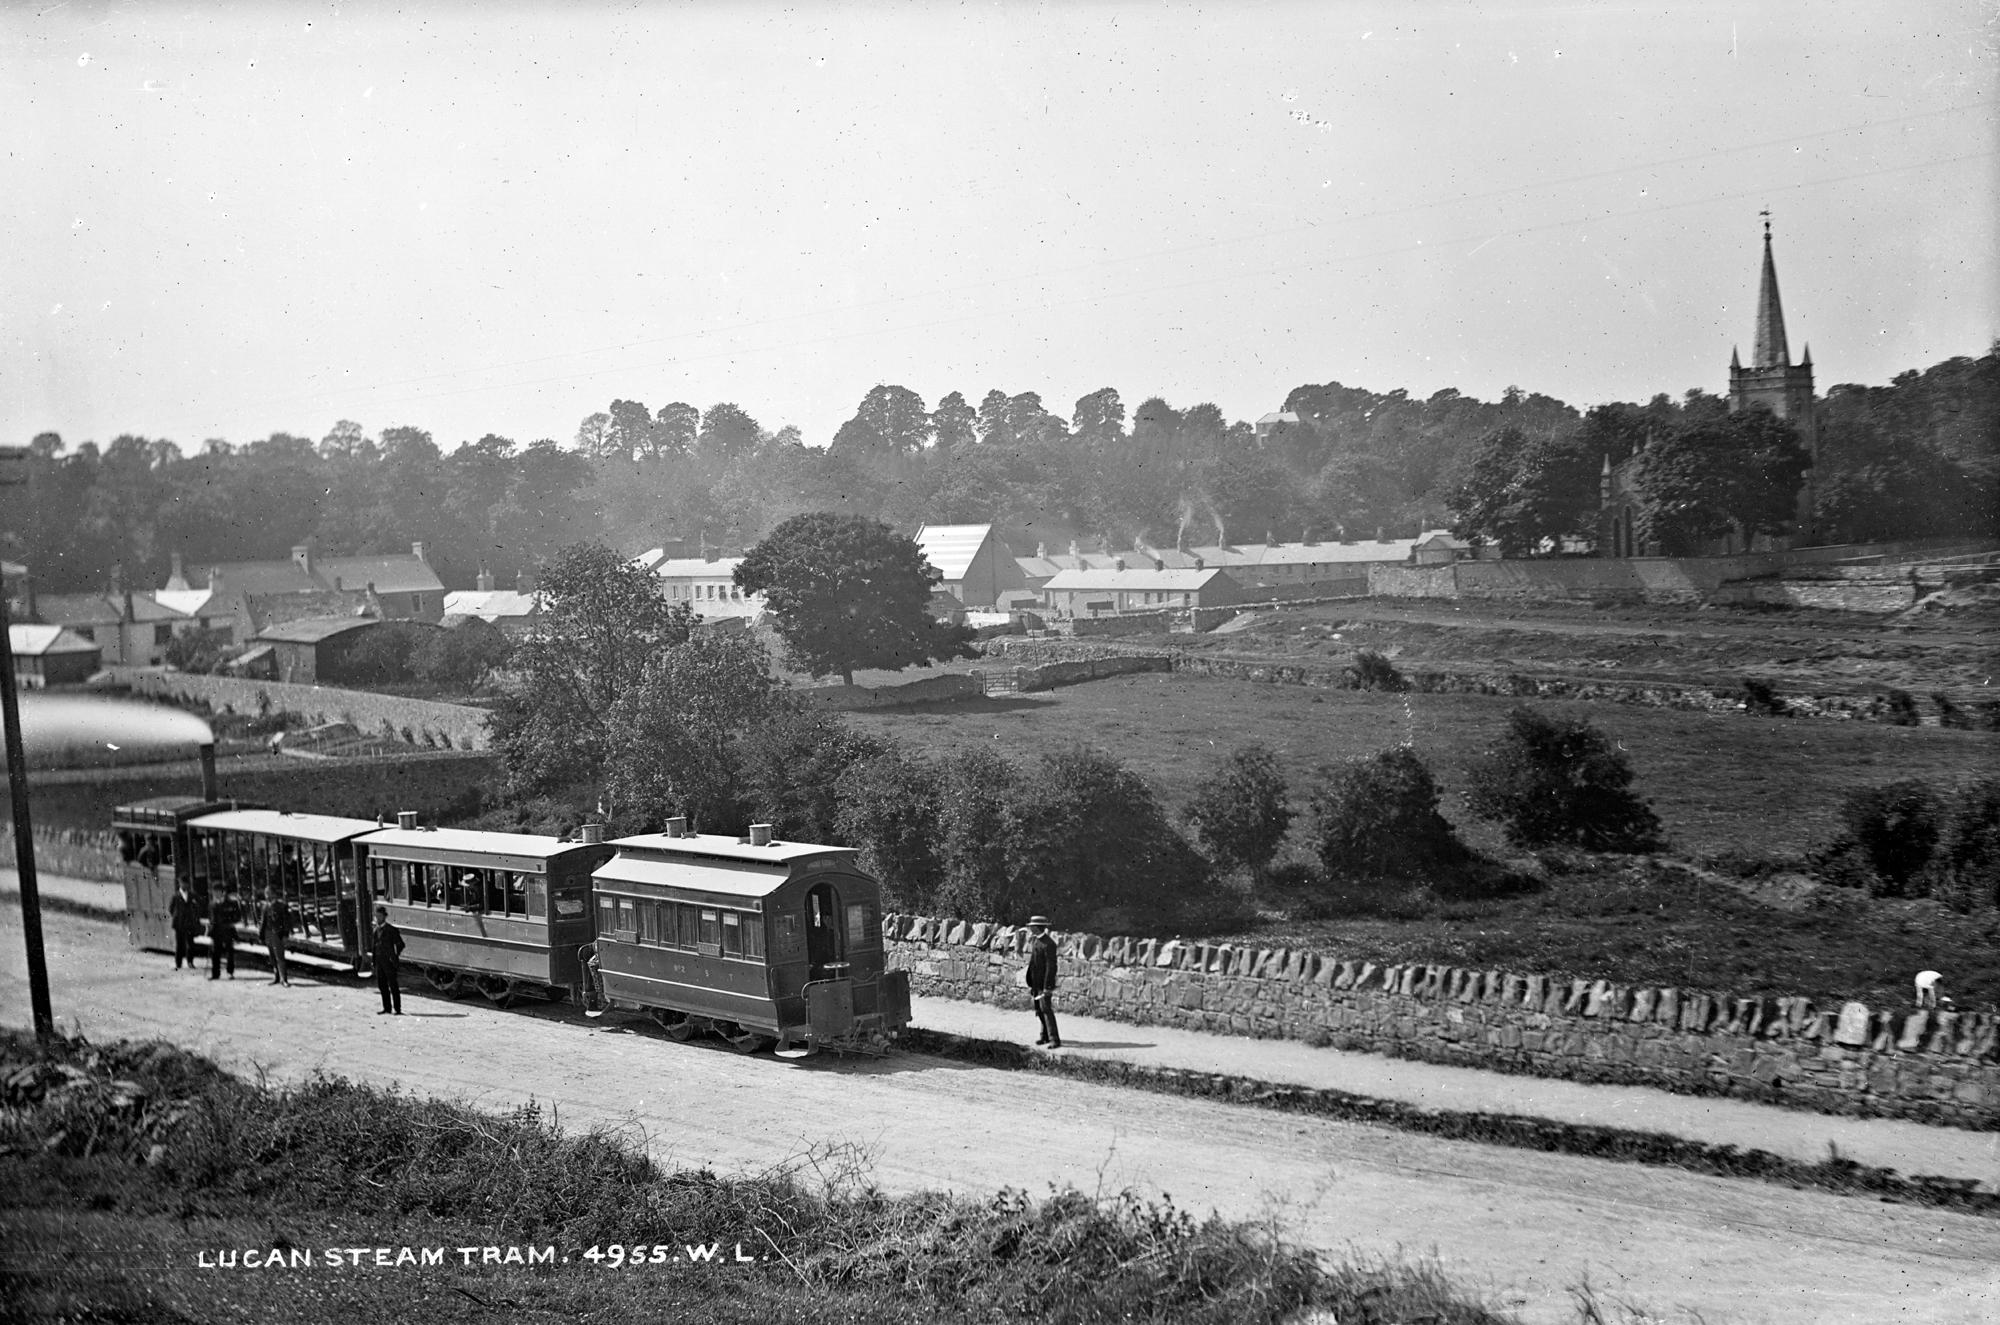 Lucan steam train